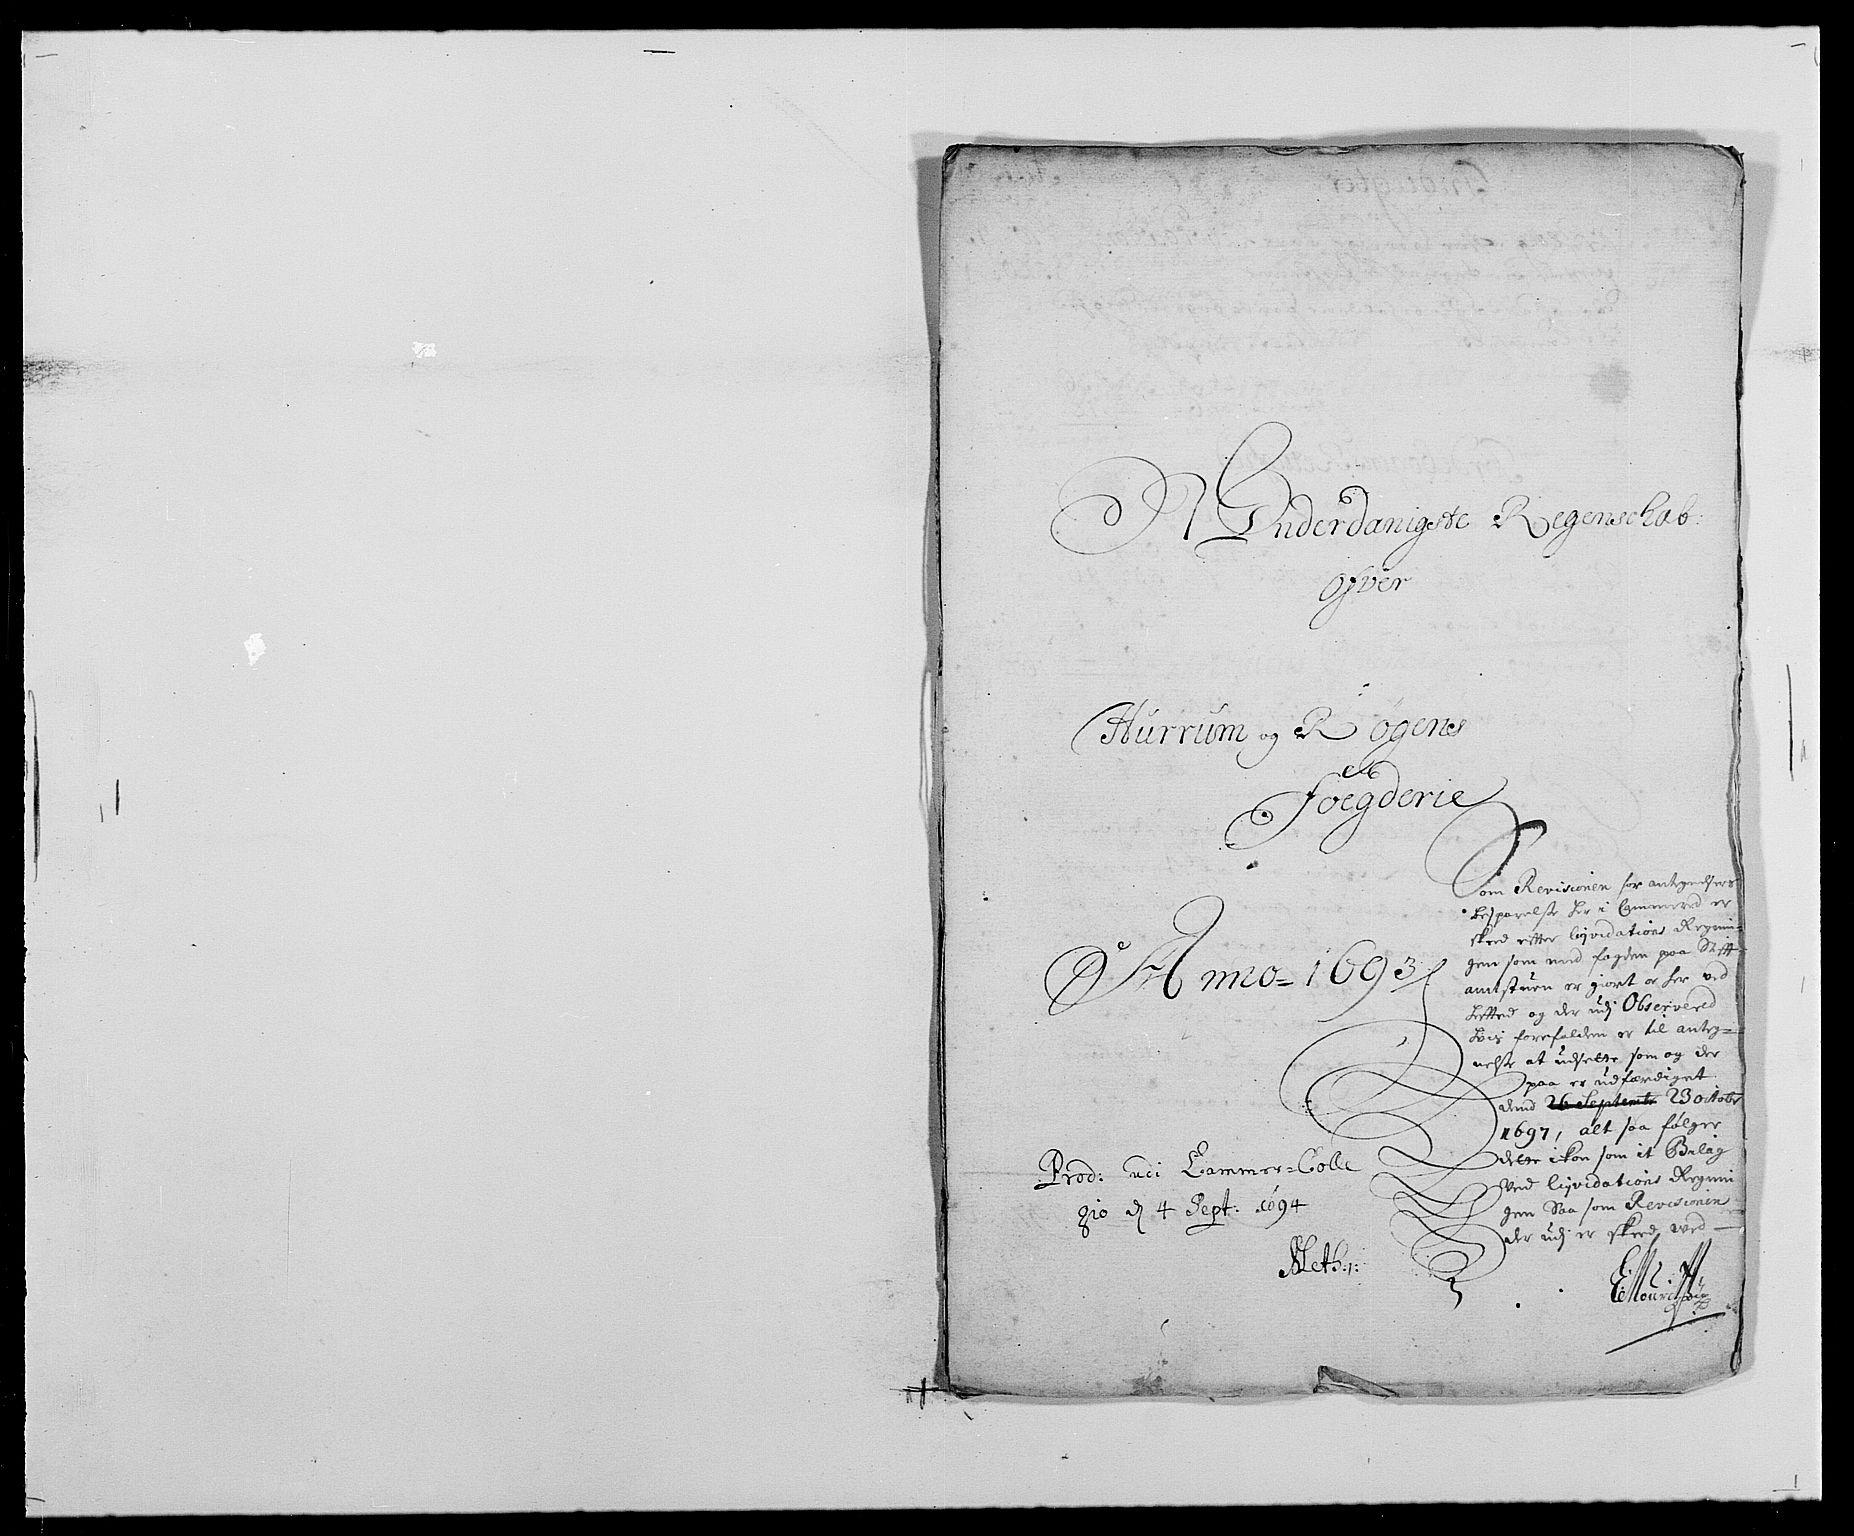 RA, Rentekammeret inntil 1814, Reviderte regnskaper, Fogderegnskap, R29/L1693: Fogderegnskap Hurum og Røyken, 1688-1693, s. 474